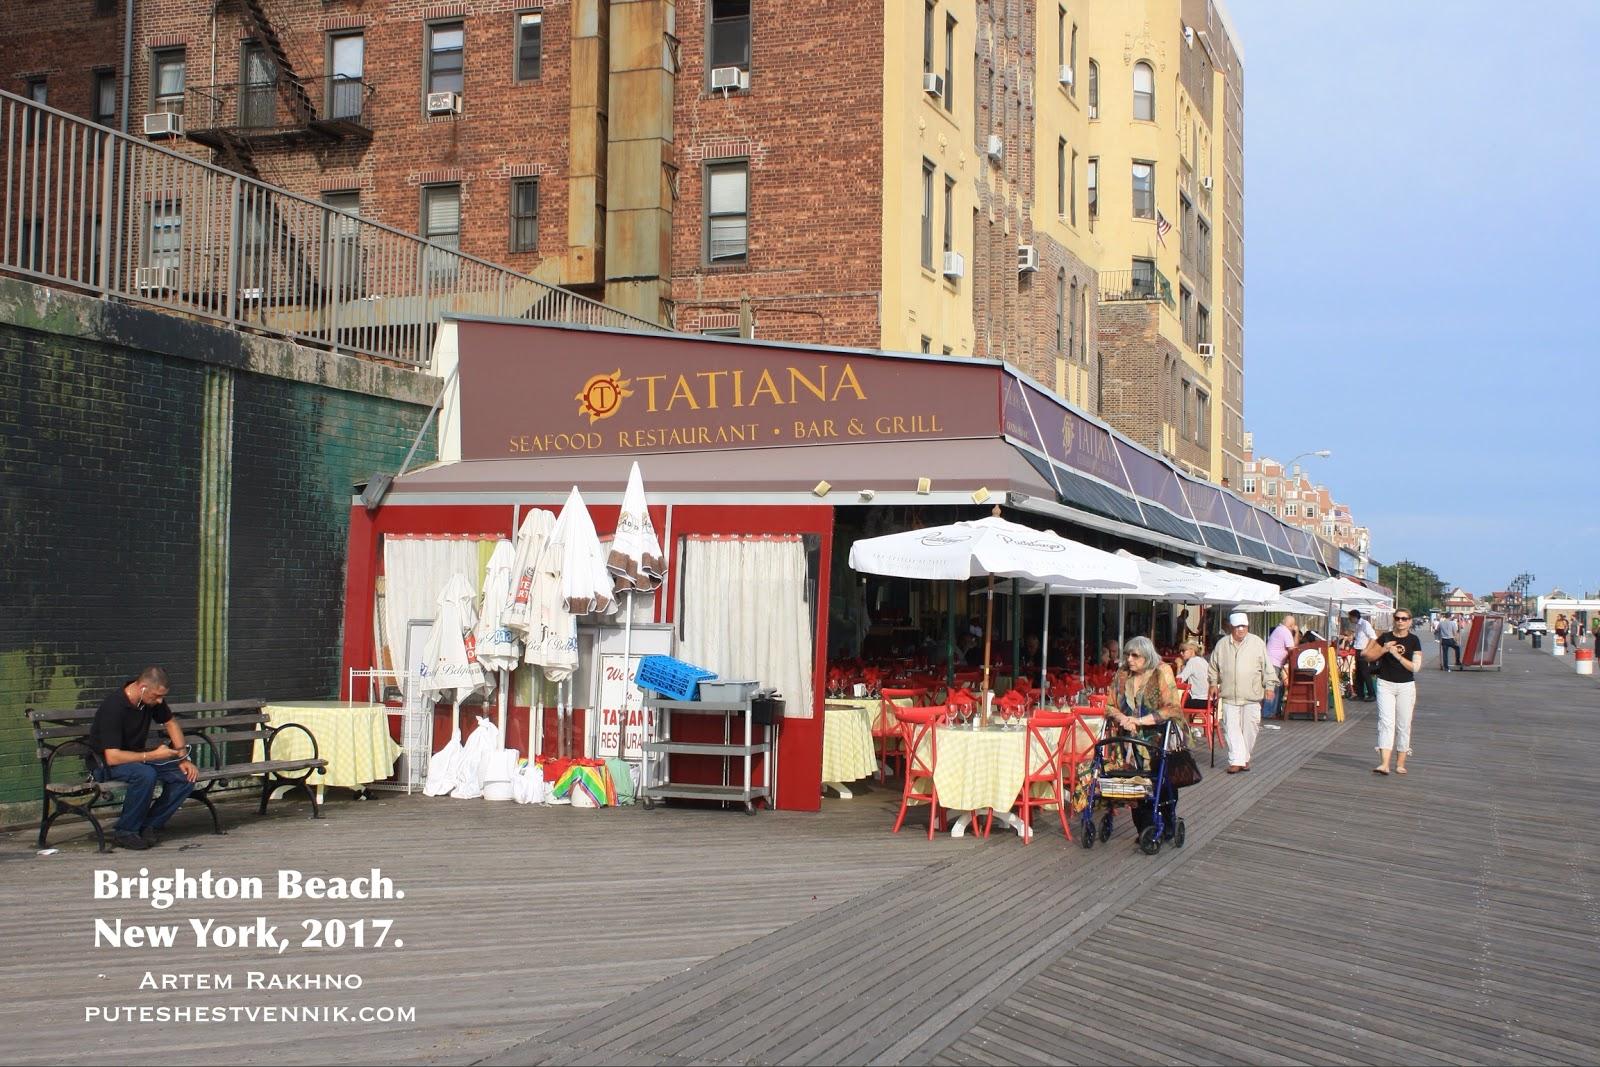 Ресторан Татьяна на Брайтон-Бич